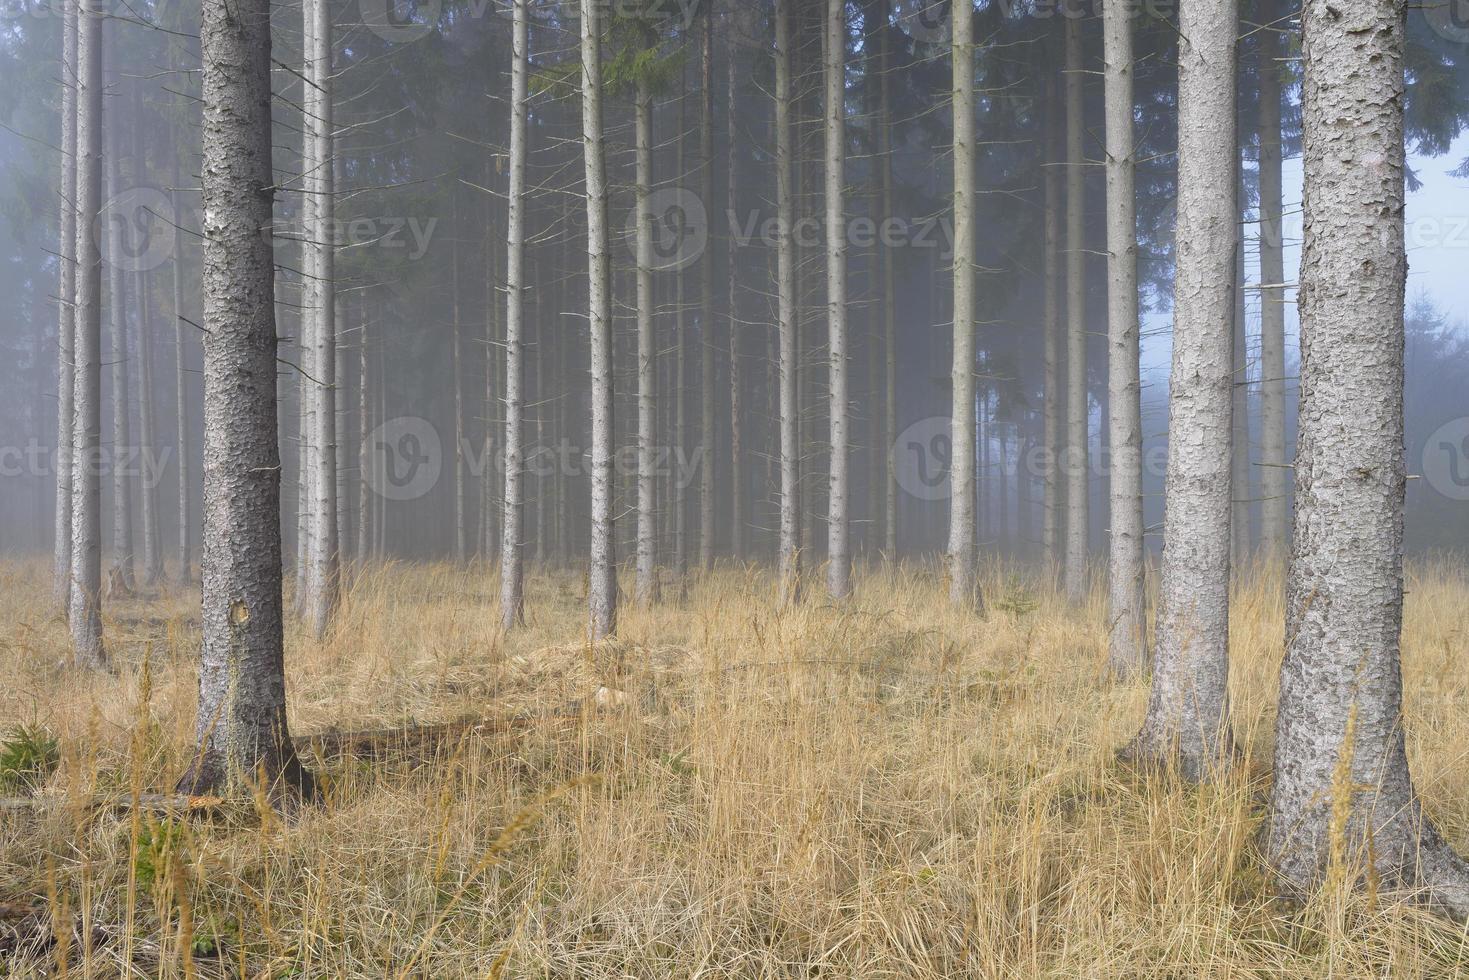 nebbia nella foresta di abete rosso naturale foto